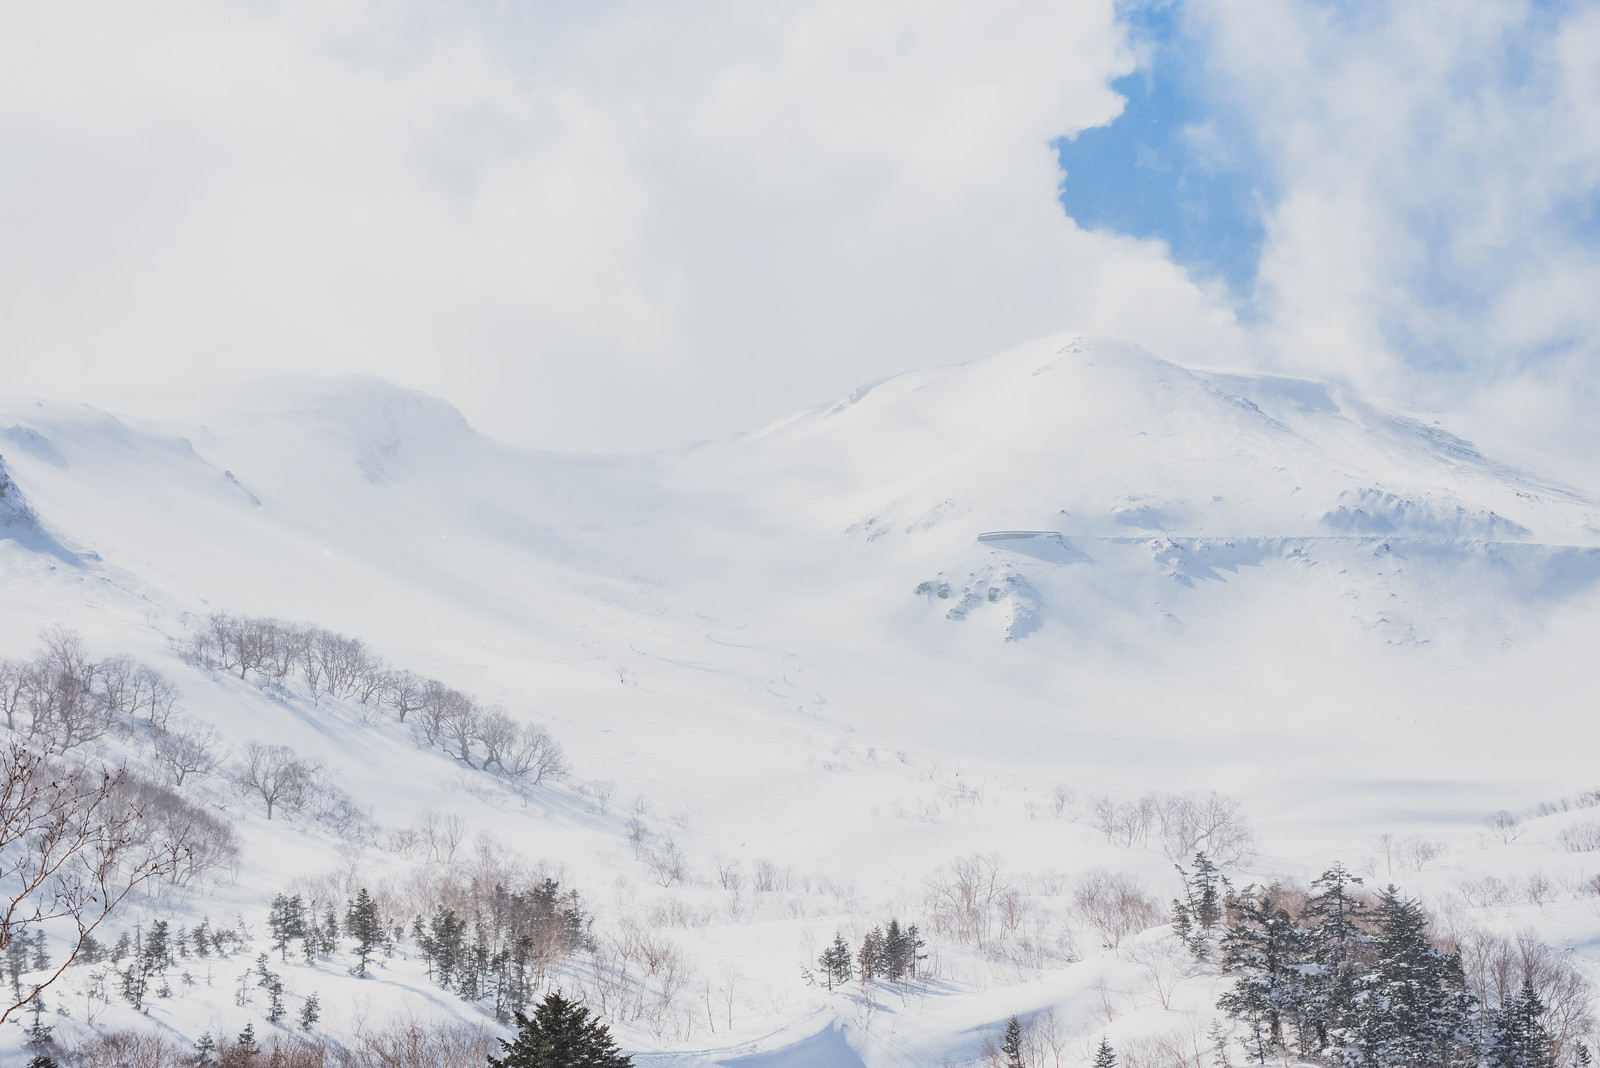 「乗鞍高原に積もる雪と沸き立つ雲(北アルプス)」の写真